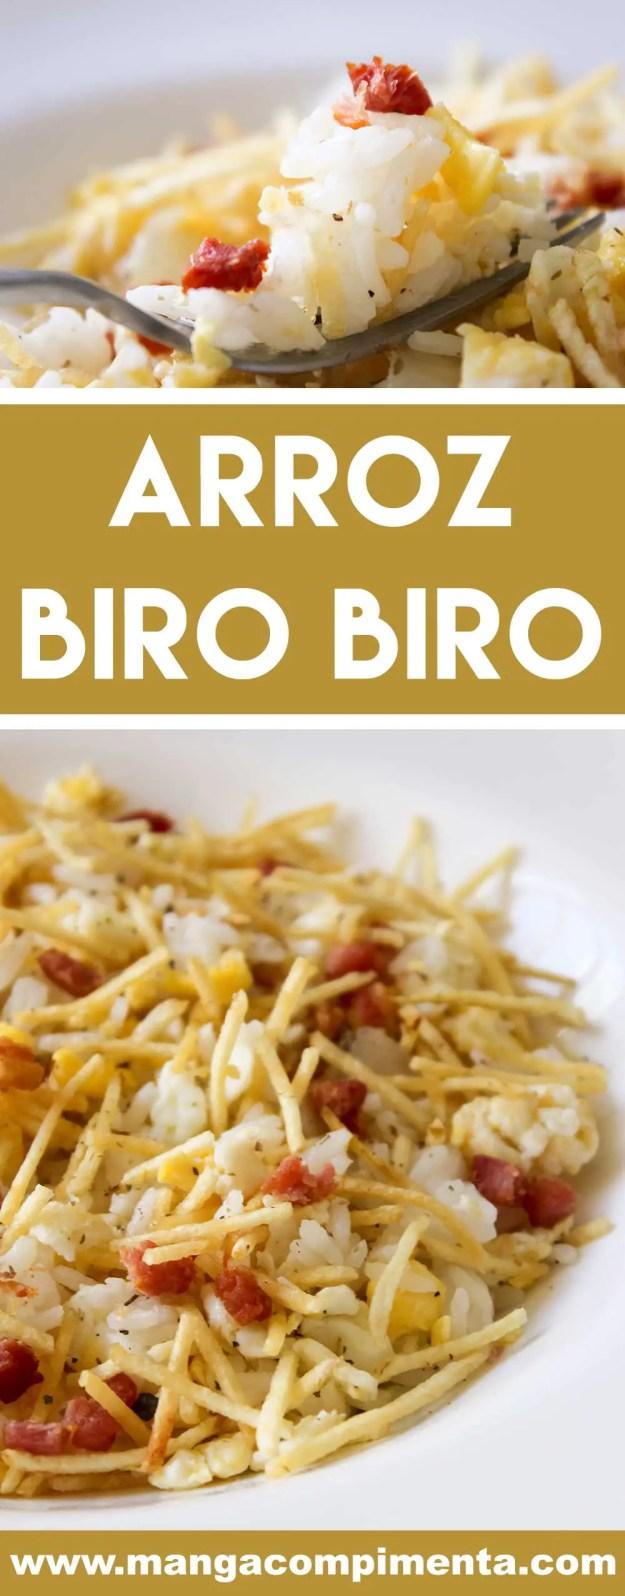 Receita de Arroz Biro Biro - super fácil de fazer, prepare ainda hoje essa delícia!